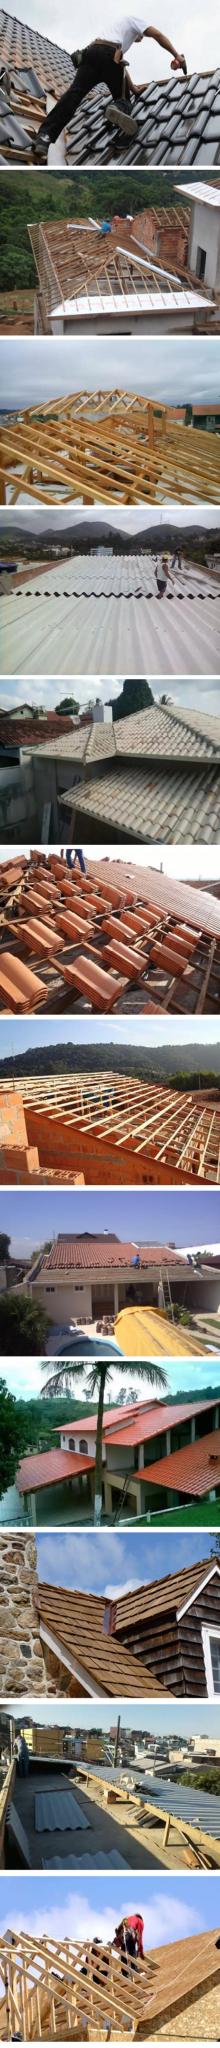 Reformas de Telhados